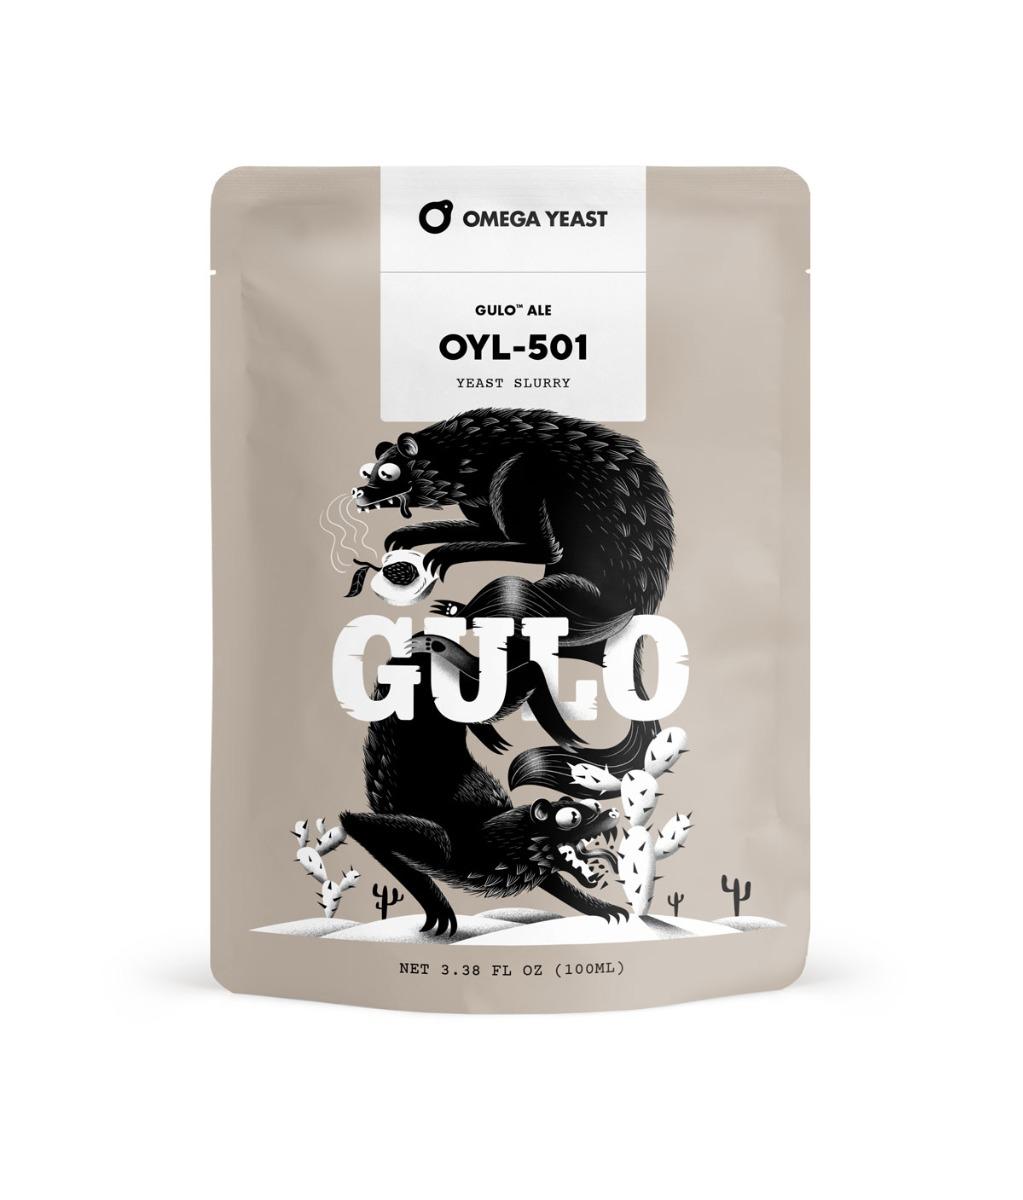 Omega Yeast OYL-501 Gulo Ale